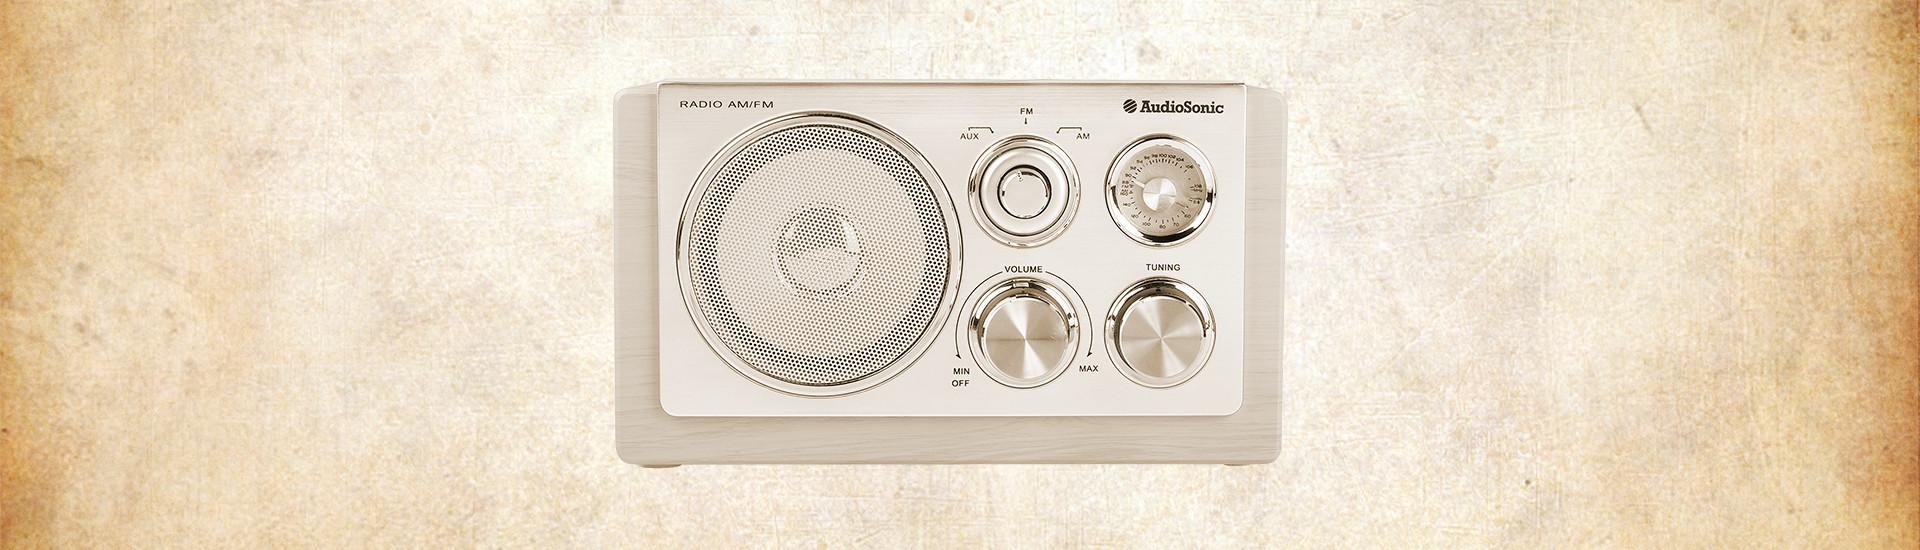 €45 για ρετρό ράδιο Audiosonic